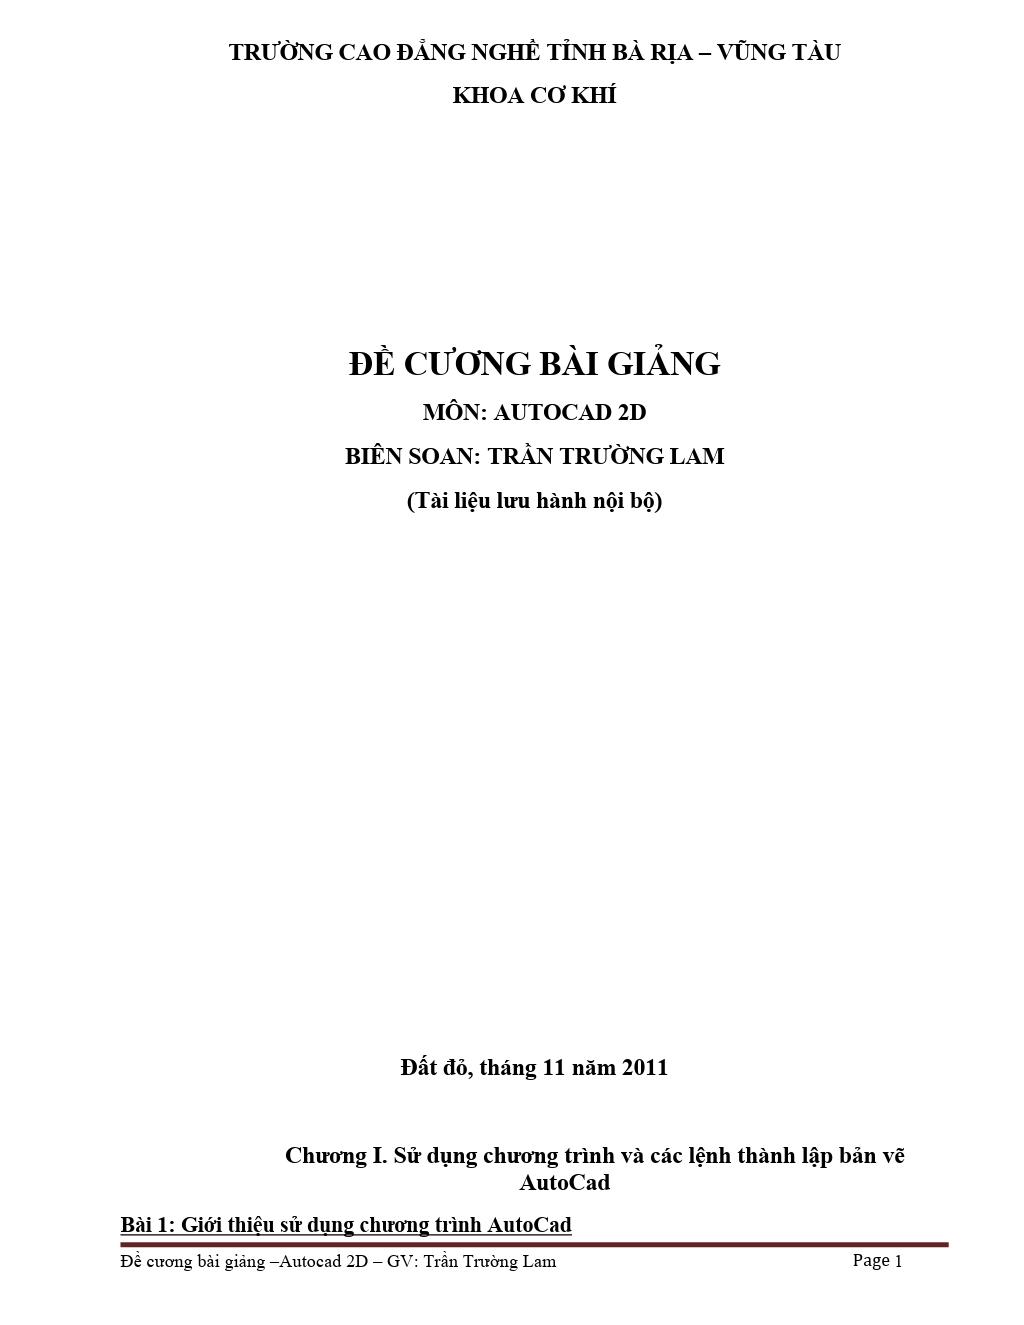 Đề cương bài giảng Autocad 2D - Trần Trường Lam